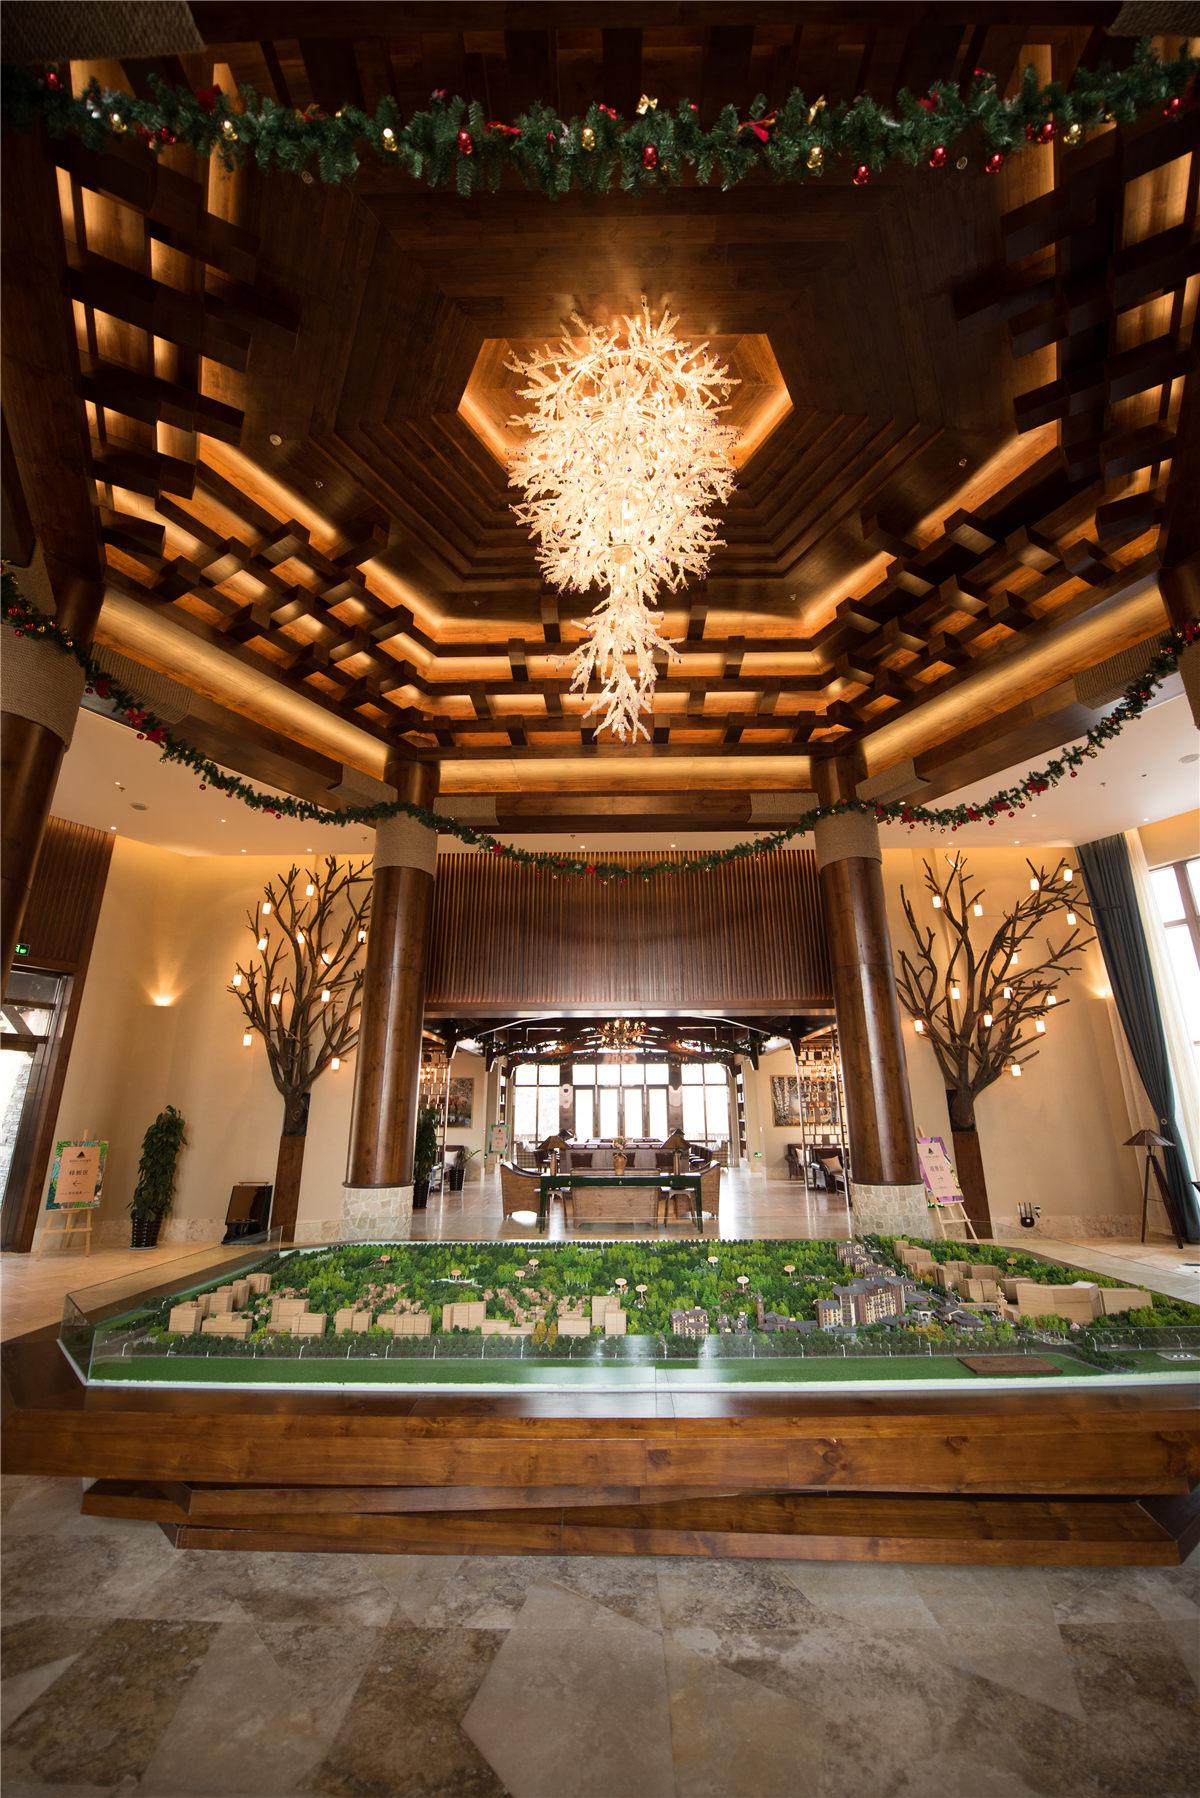 长白山红松溪谷酒店位于长白山旅客集散中心,按五星级高端精品温泉度假酒店设计。酒店充分融入周边环境,巧妙地将独特的长白山元素(尤其是水、火、冰、岩、鹿、皮、雾、林八种经典长白山元素)及萨满文化融入设计之中,从而让客人享受到长白山的文化精髓及独特气候。   作为典型,长白山脉当地的木材被运用于酒店大范围的装饰设计,比如照明设备和墙面的装饰。这不仅强调了酒店的主题,体现了长白山的独特元素,同时也节省了材料的运输成本。  木质材料的选择有木饰面、木地板、新实木、老实木四种方向。木饰面和木地板难以体现与主题所呼应